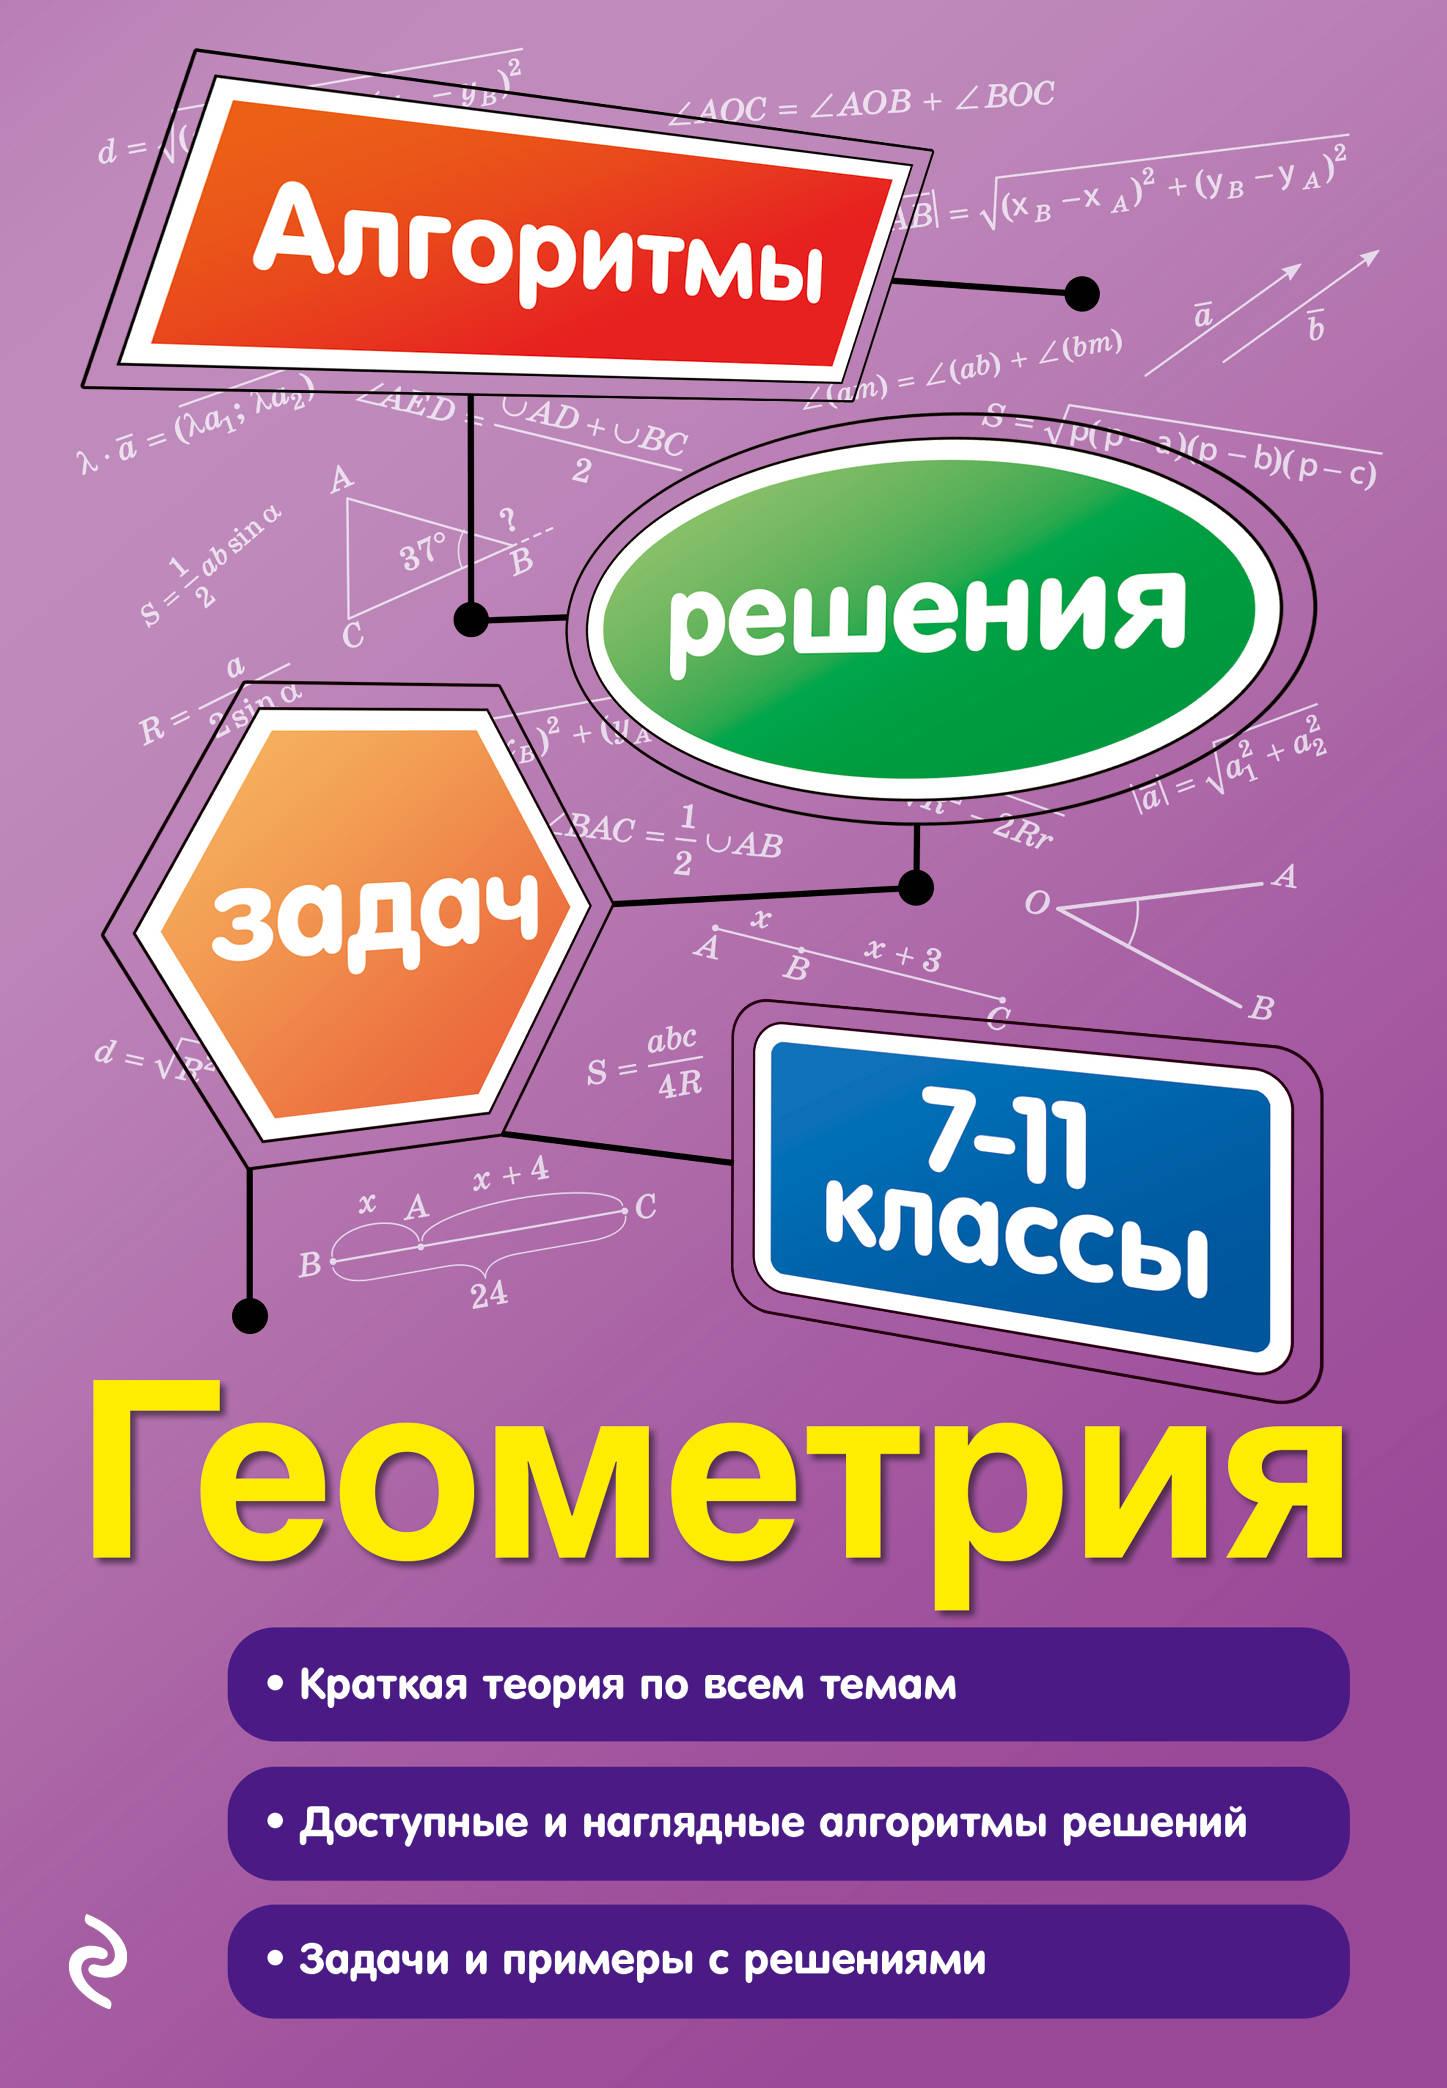 Т. М. Виноградова Геометрия. 7-11 классы. Учебное пособие